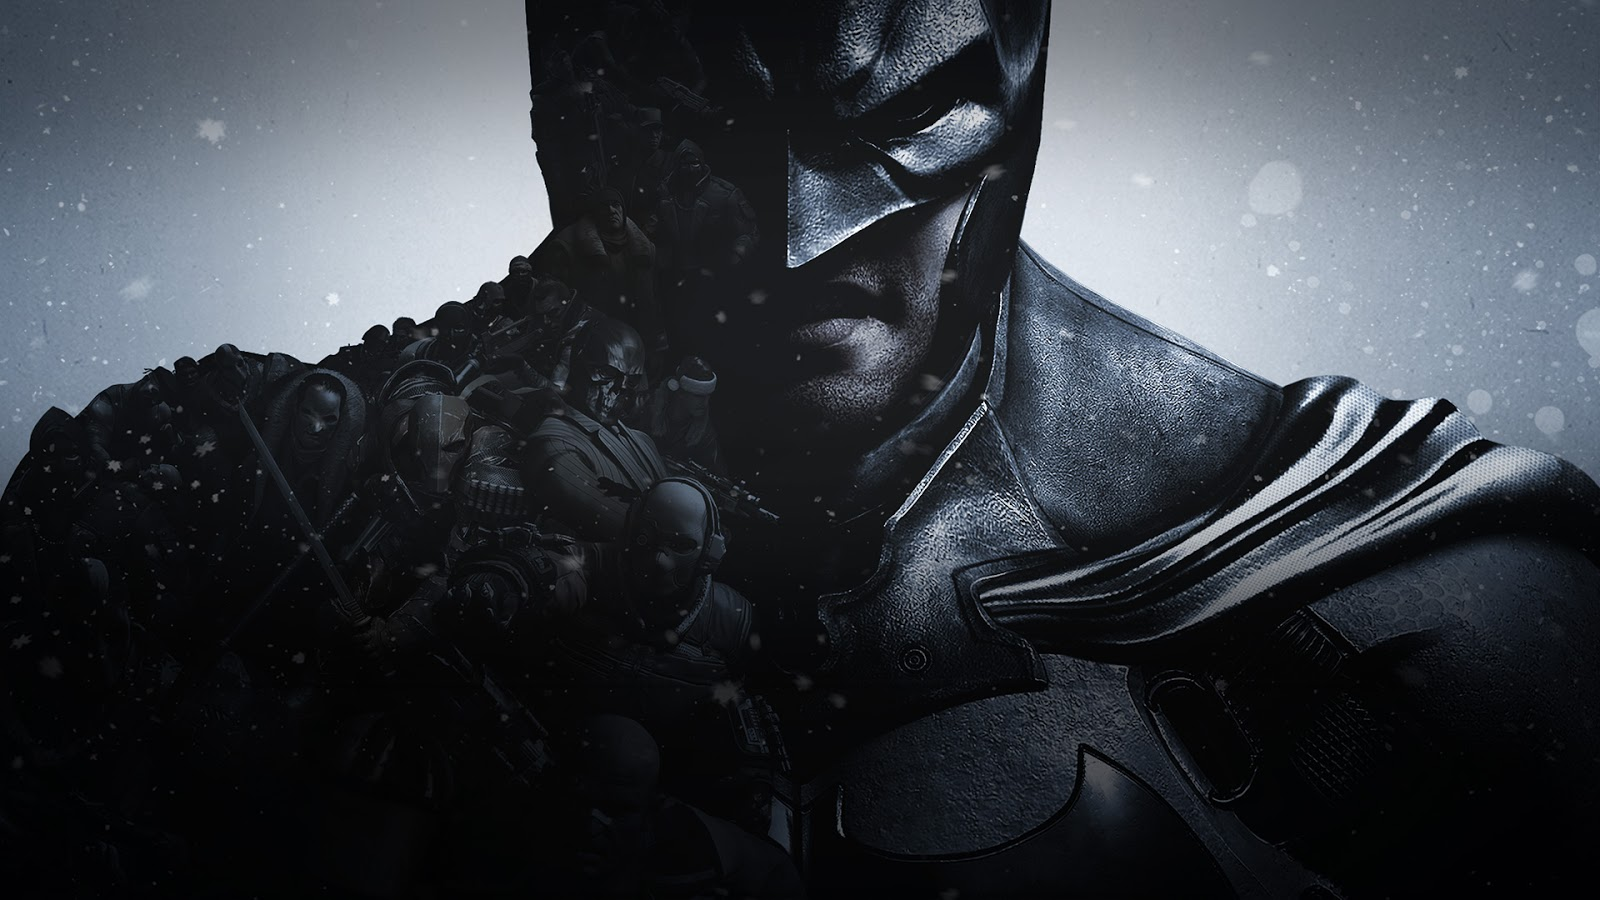 Batman Arkham Origins Desktop Wallpaper 1920 x 1080 px 1600x900